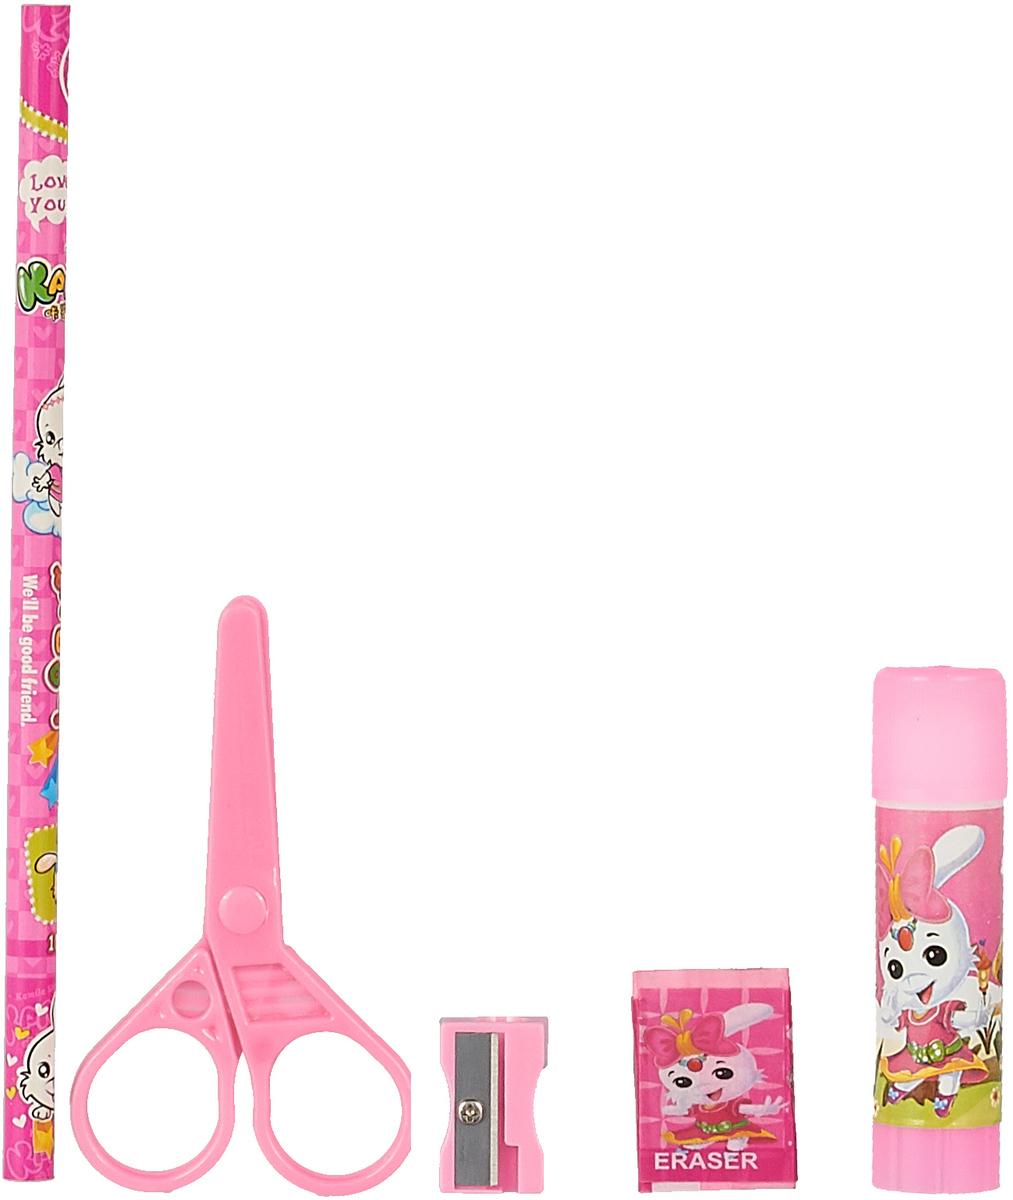 Kamila Back Jo Chool Gift Set Канцелярский набор цвет светло-розовый 5 предметов комплект для девочки cherubino цвет светло розовый серый 5 предметов can 9407 размер 74